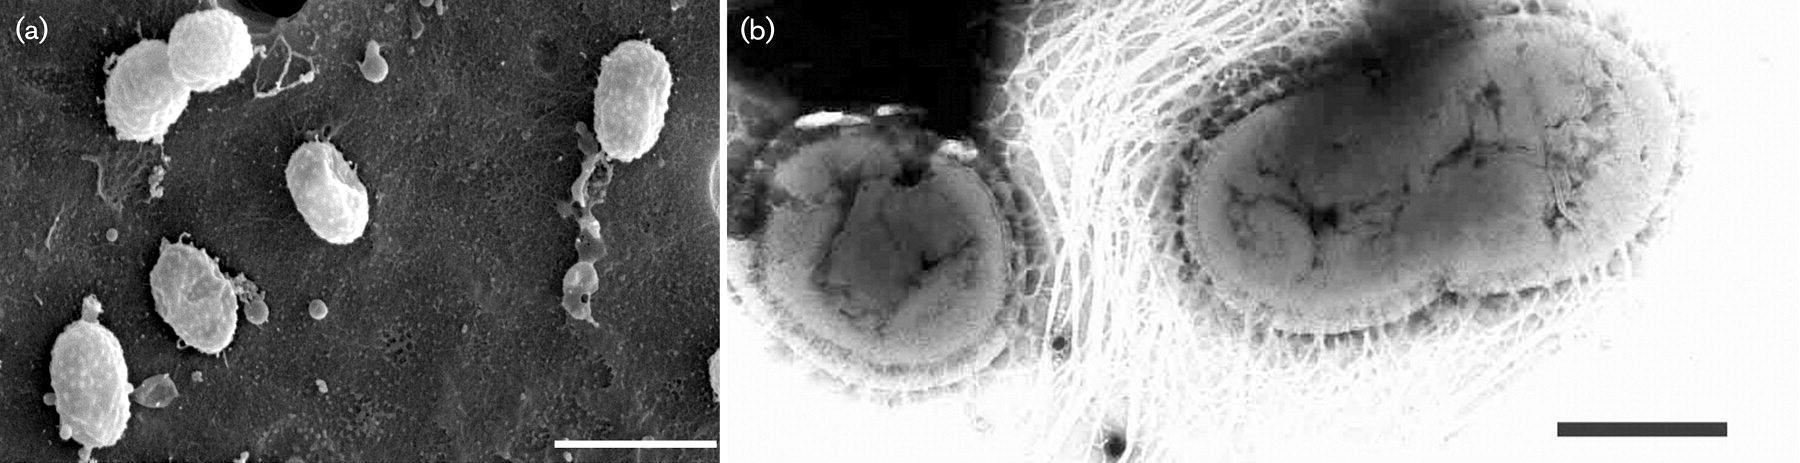 Кишечная микрофлора спасает нейроны от смерти